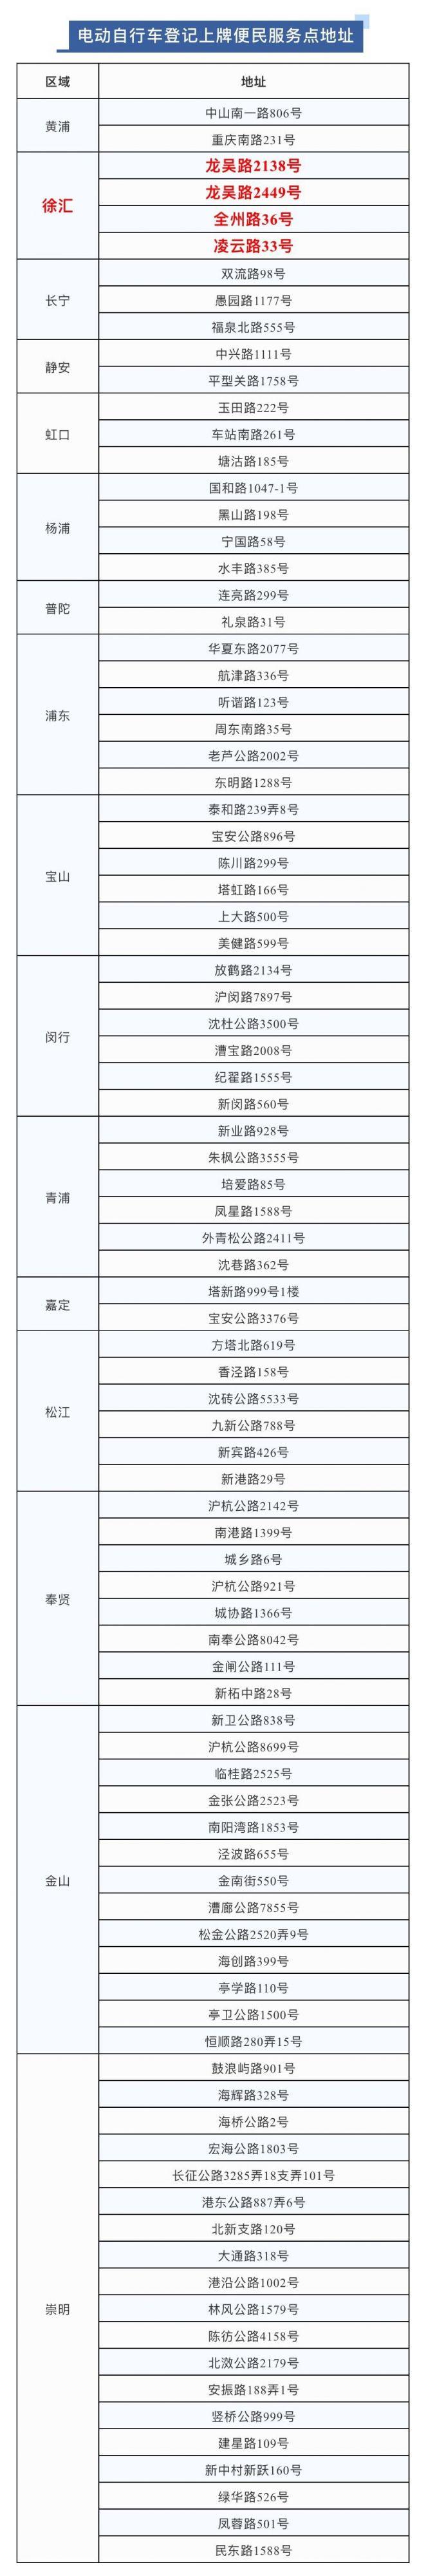 2021上海電動自行車上牌地點一覽表(最新)